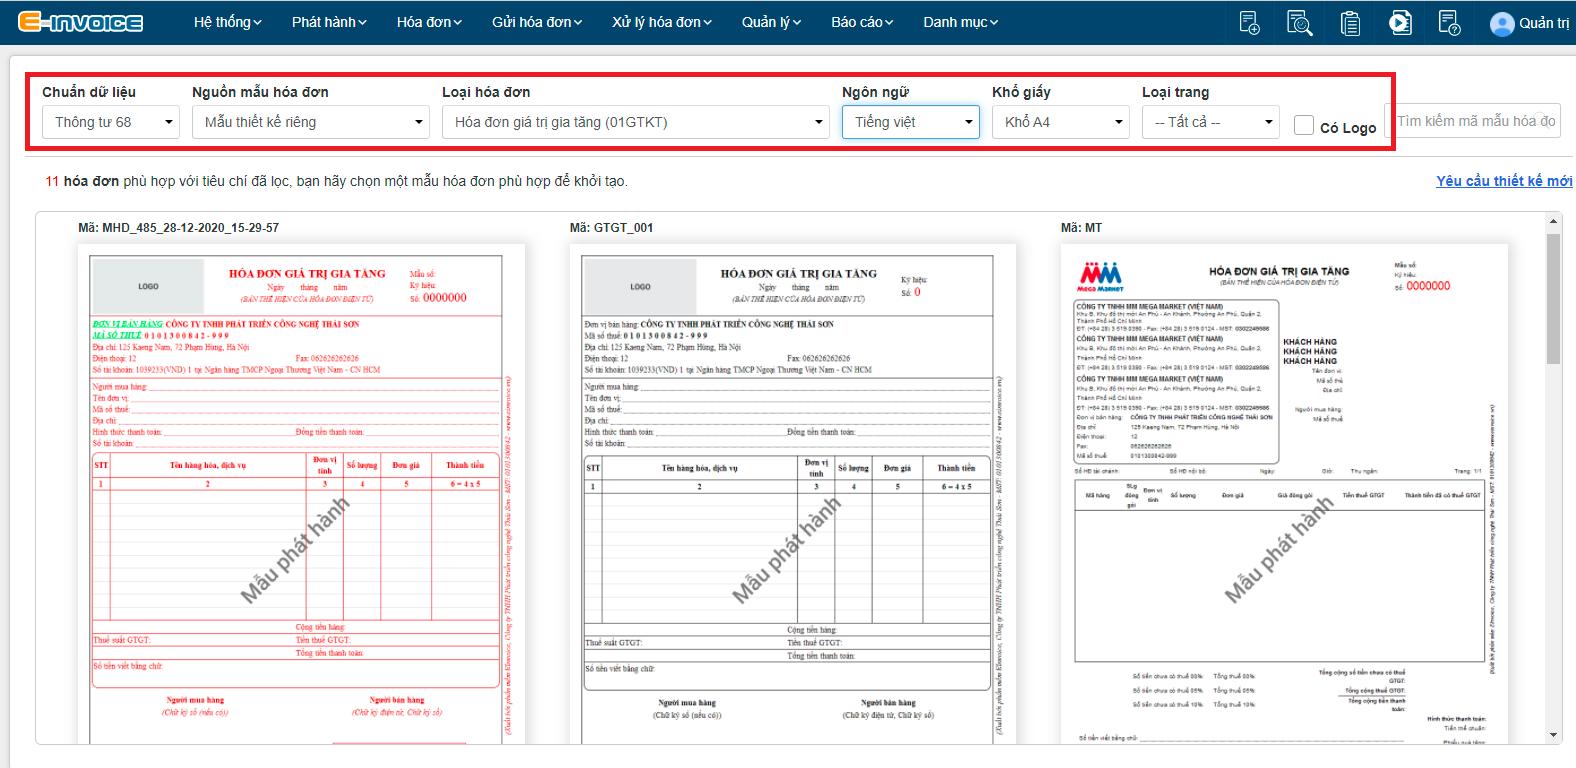 Nhập điều kiện cho hóa đơn để lọc ra hóa đơn phù hợp.